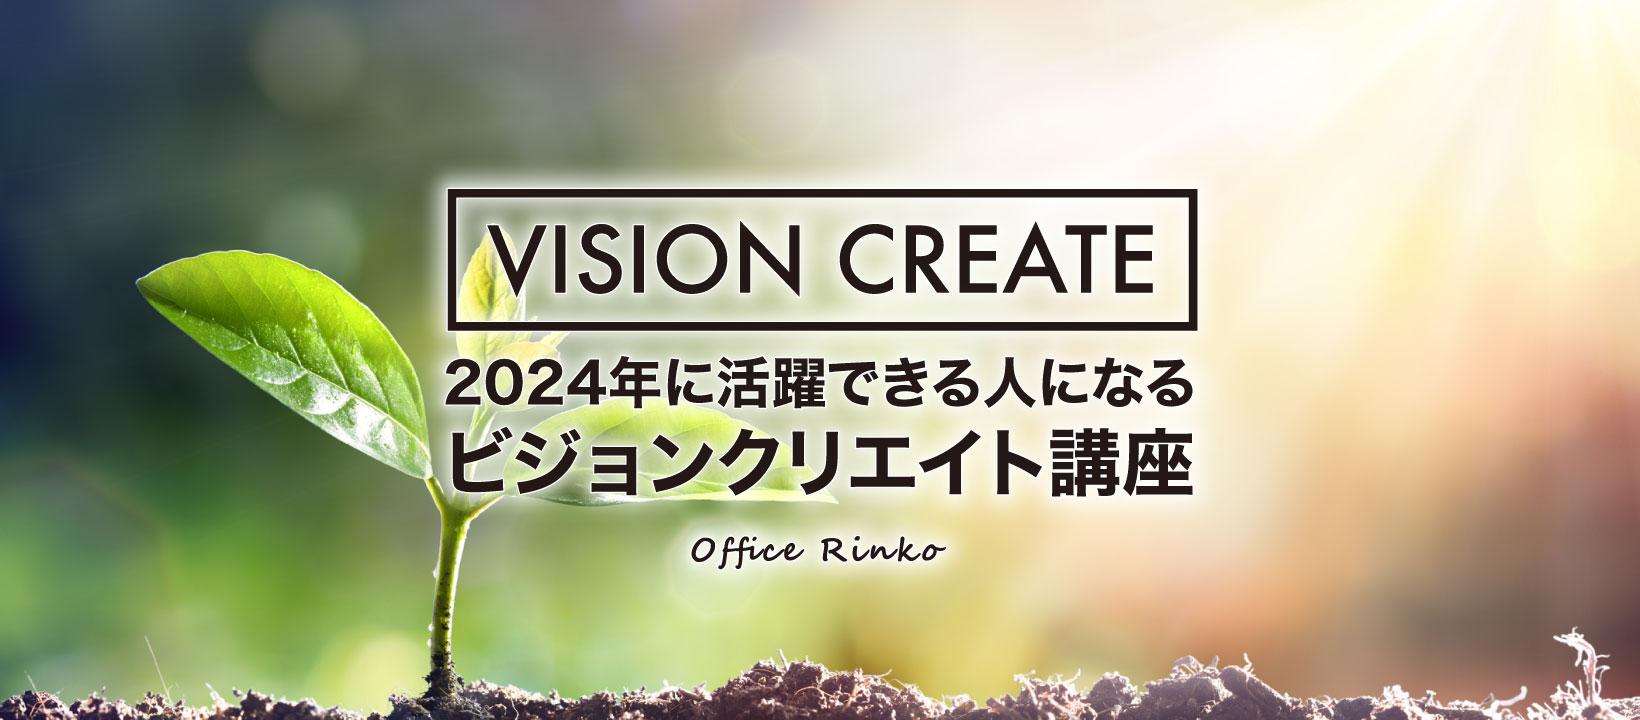 「2024年に活躍できる人になる」ビジョンクリエイト講座